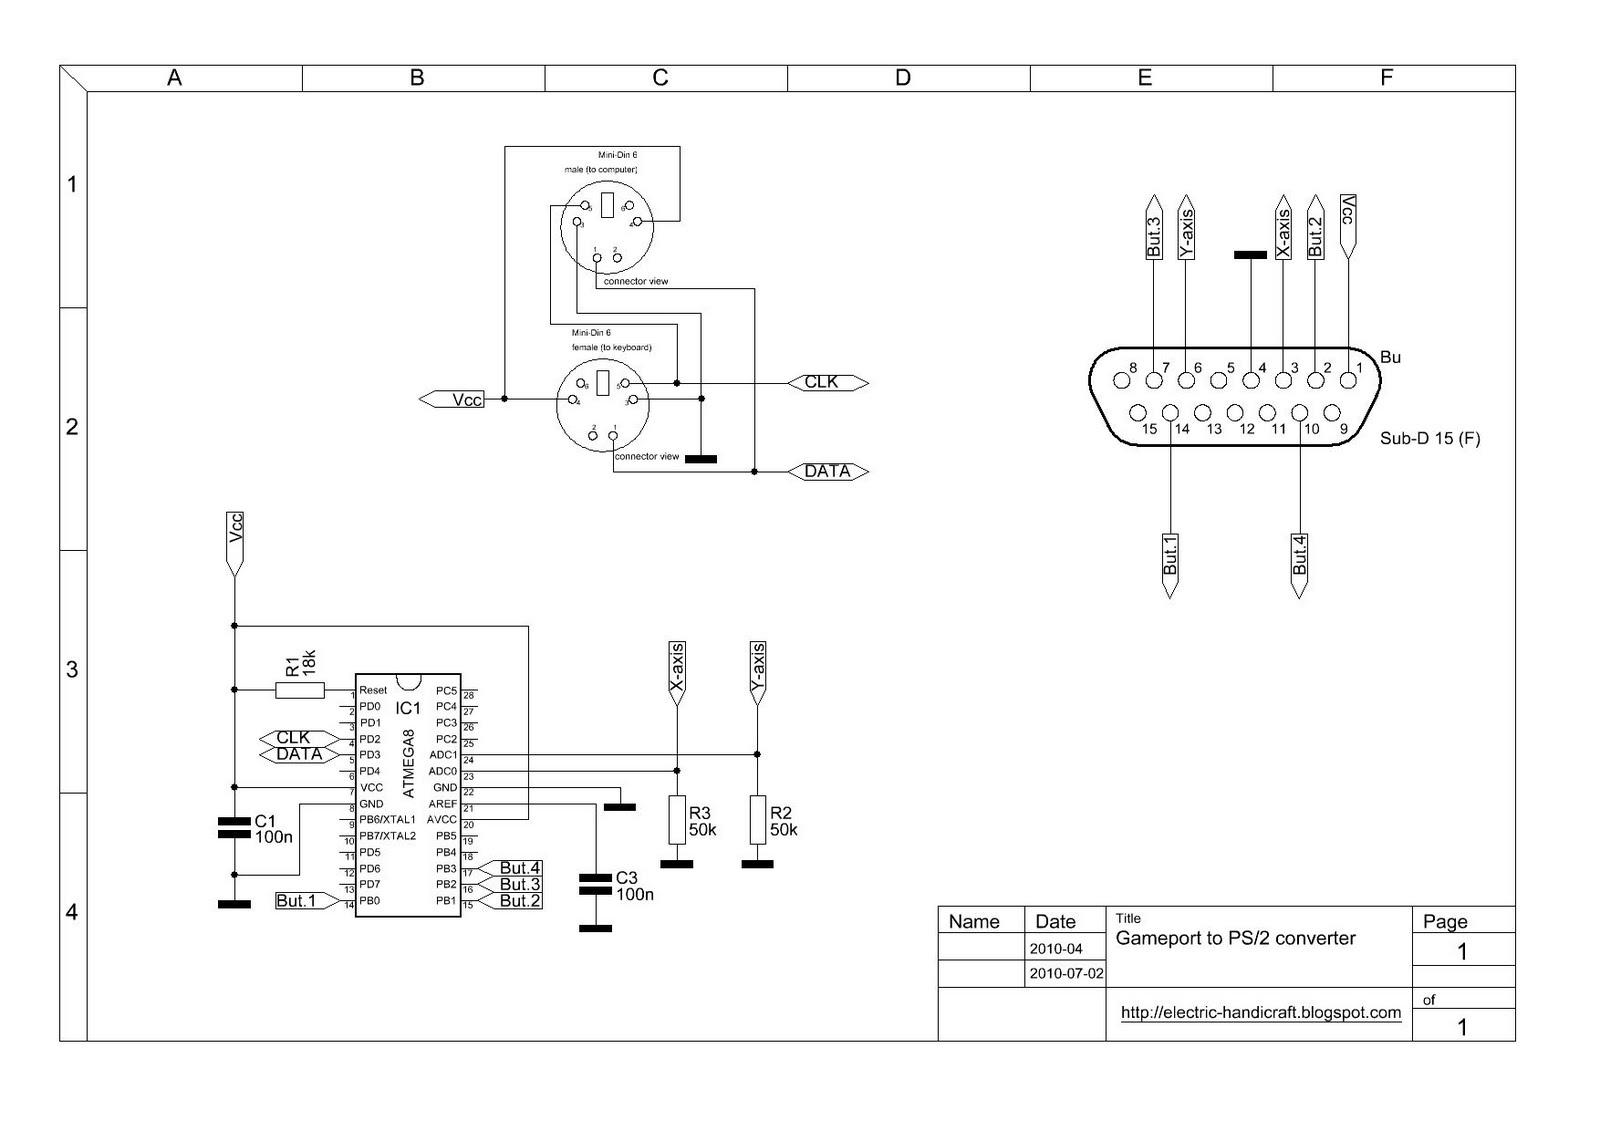 ps2 fat fuse diagram